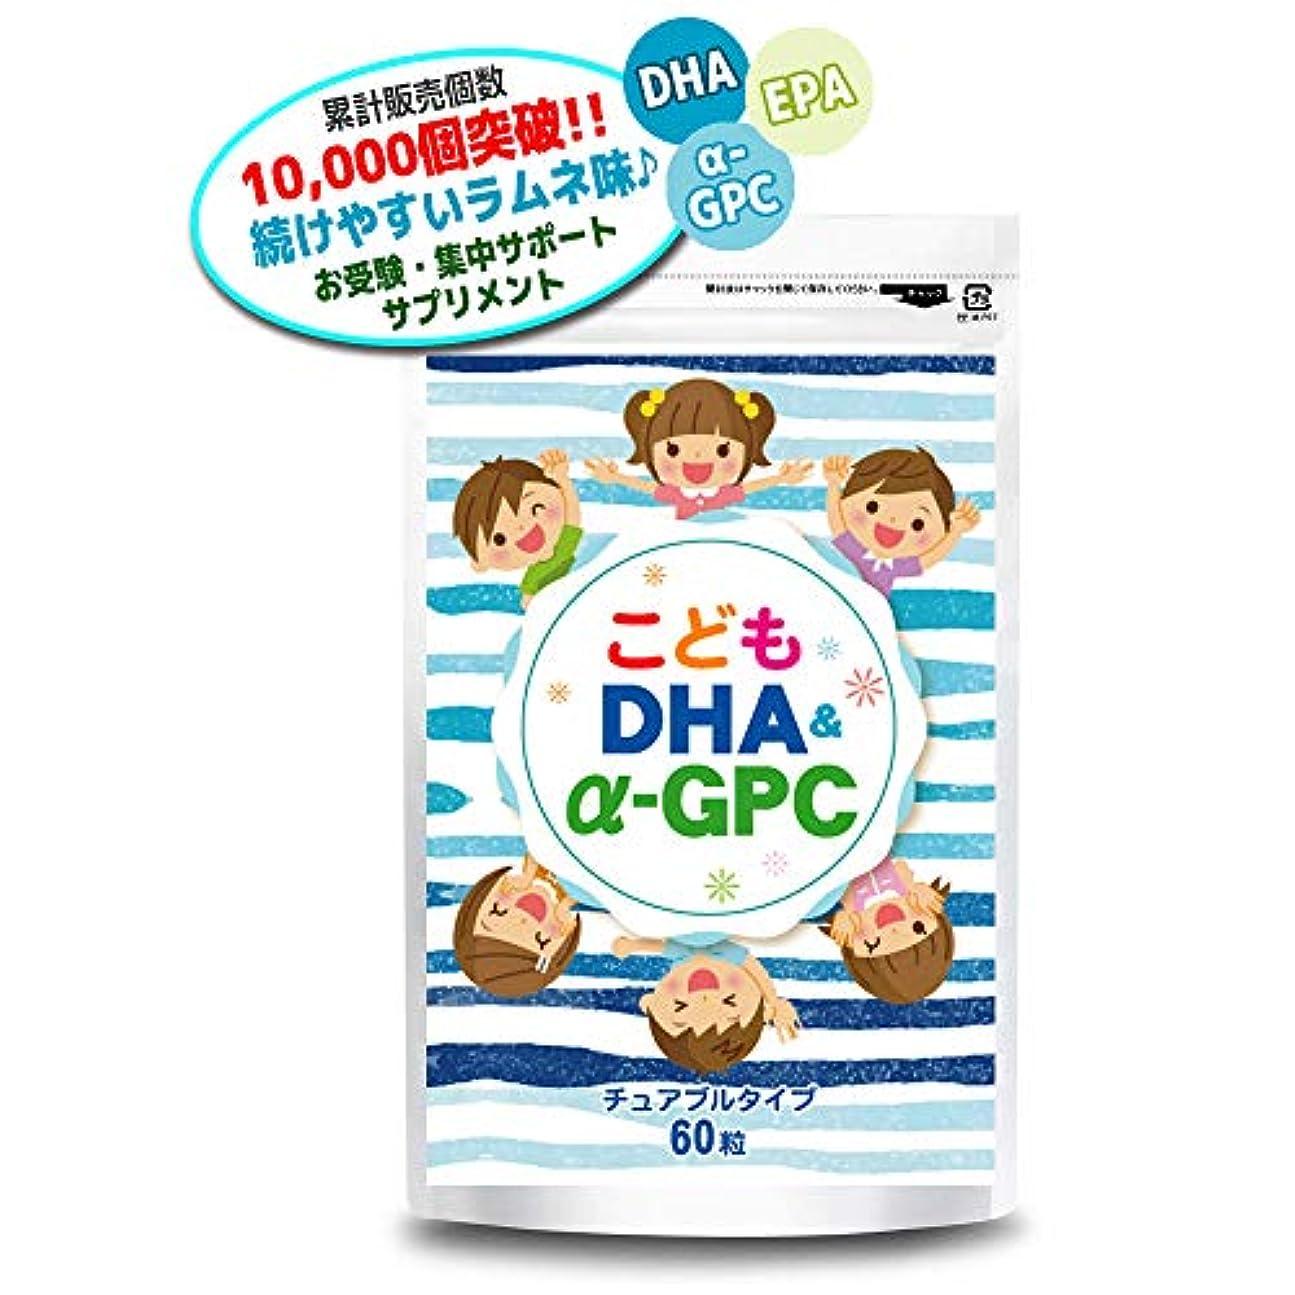 ブラウス縫い目遠征こども DHA&α-GPC DHA EPA α-GPC ホスファチジルセリン 配合 【集中?学習特化型サプリメント】 60粒約30日分